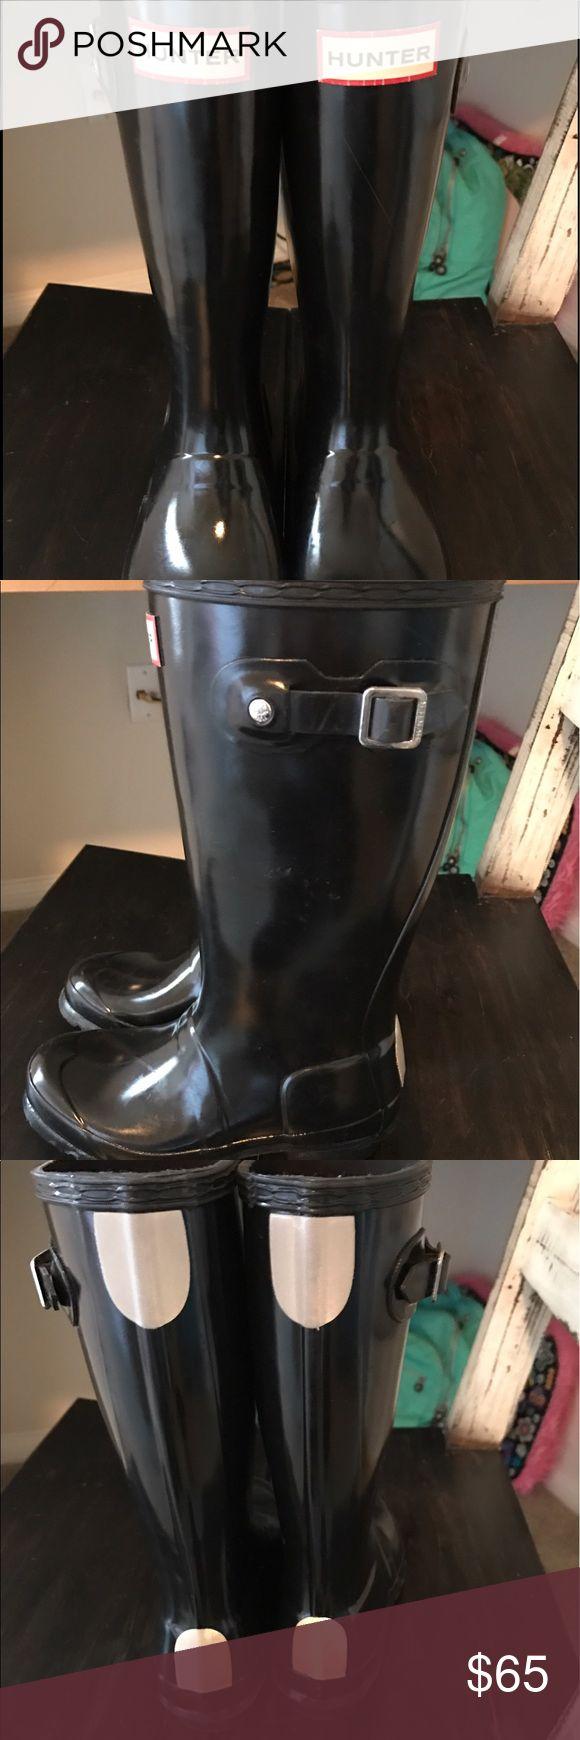 Kids Hunter rain boots Hunter rain boots size 1b or 2g worn one time. Hunter Shoes Winter & Rain Boots